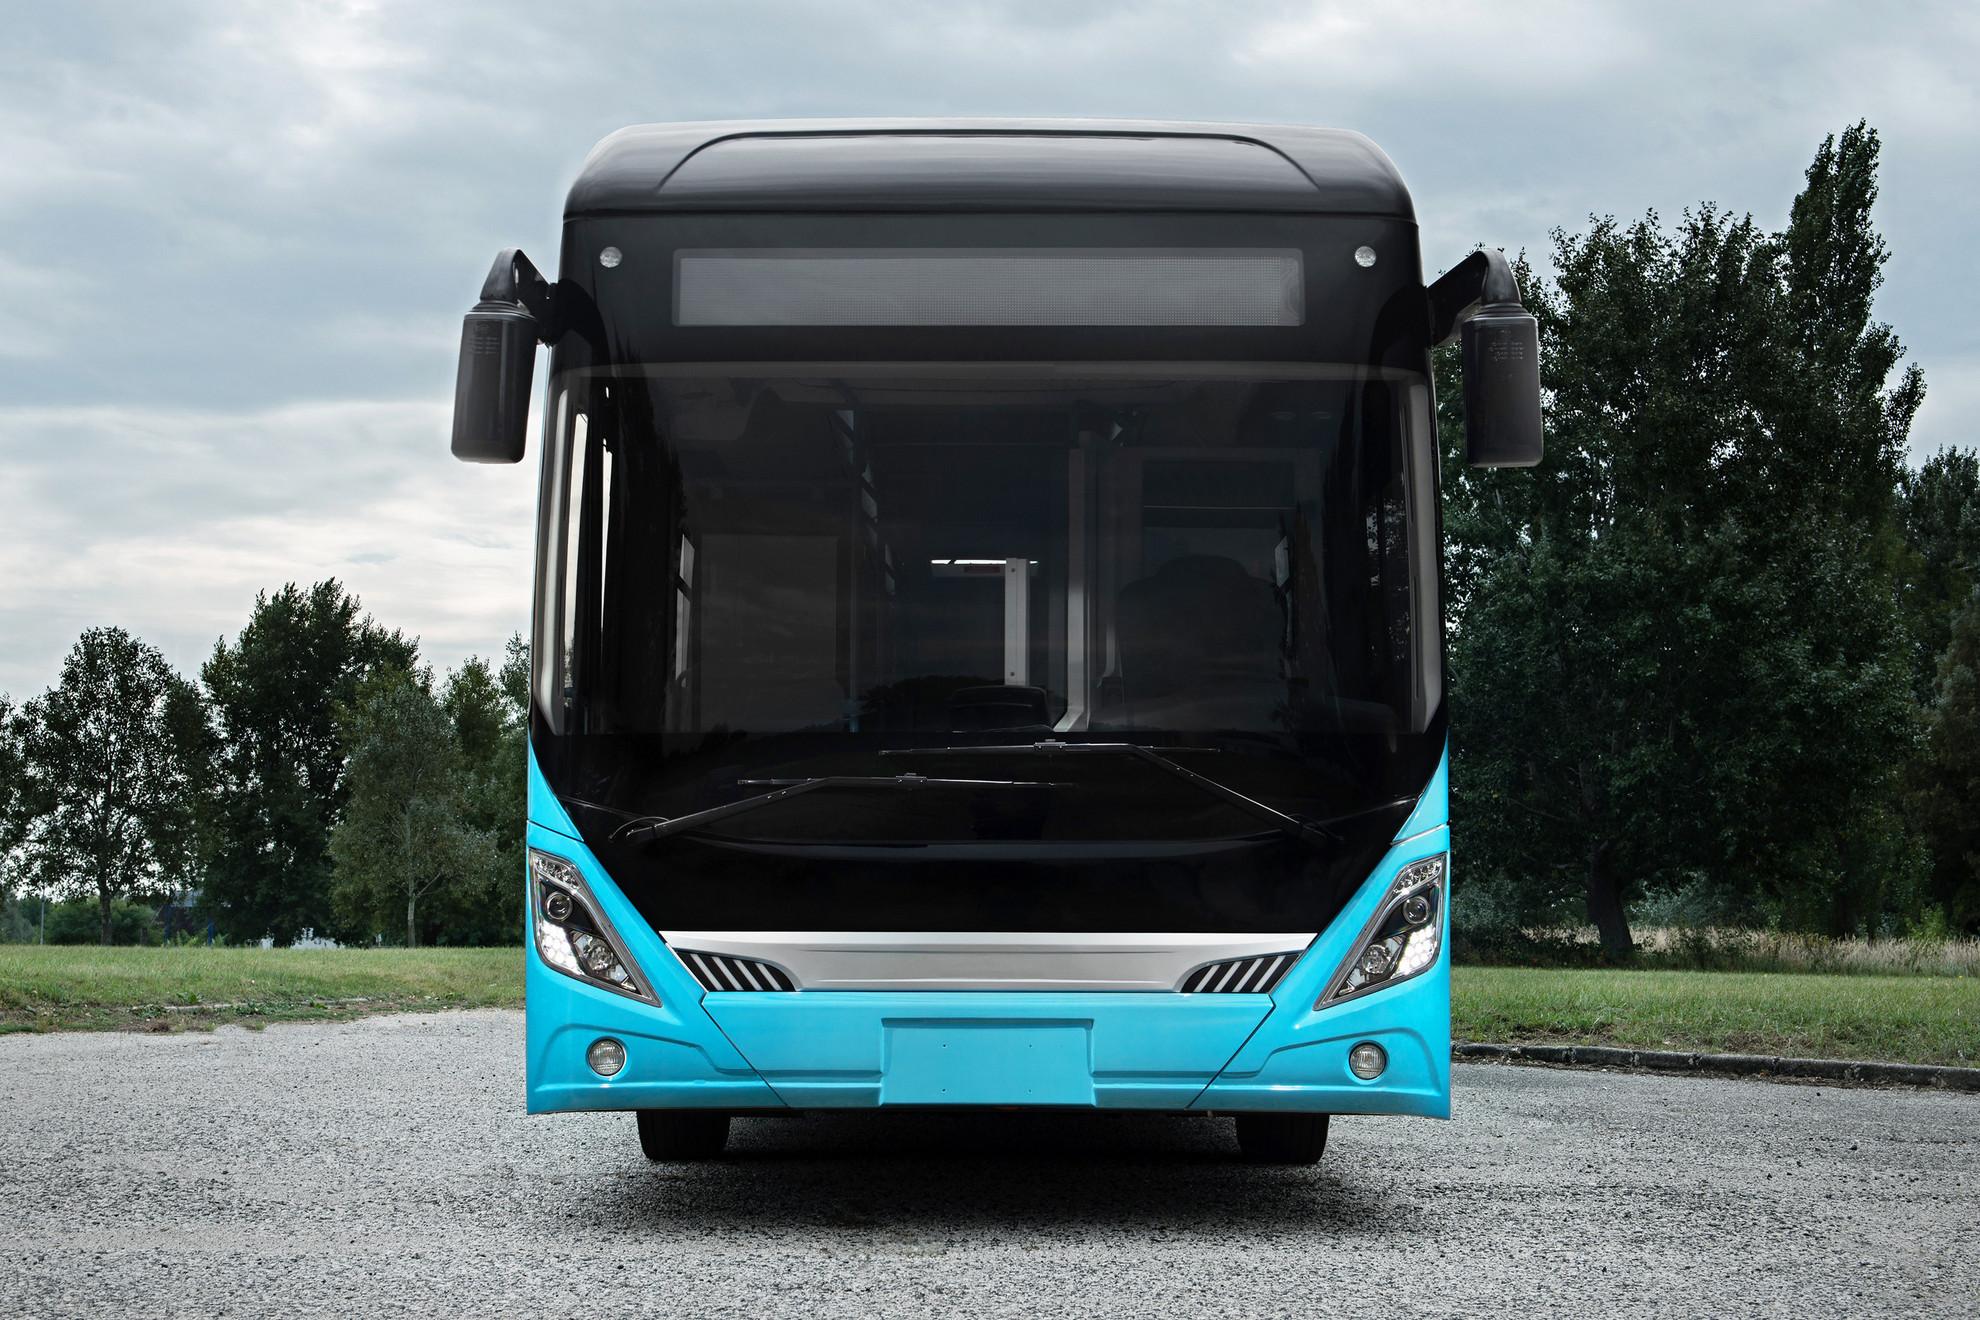 Az Ikarus-CRRC új elektromos buszában egyaránt érvényesül a megbízhatóság és a kiváló ár-érték arány